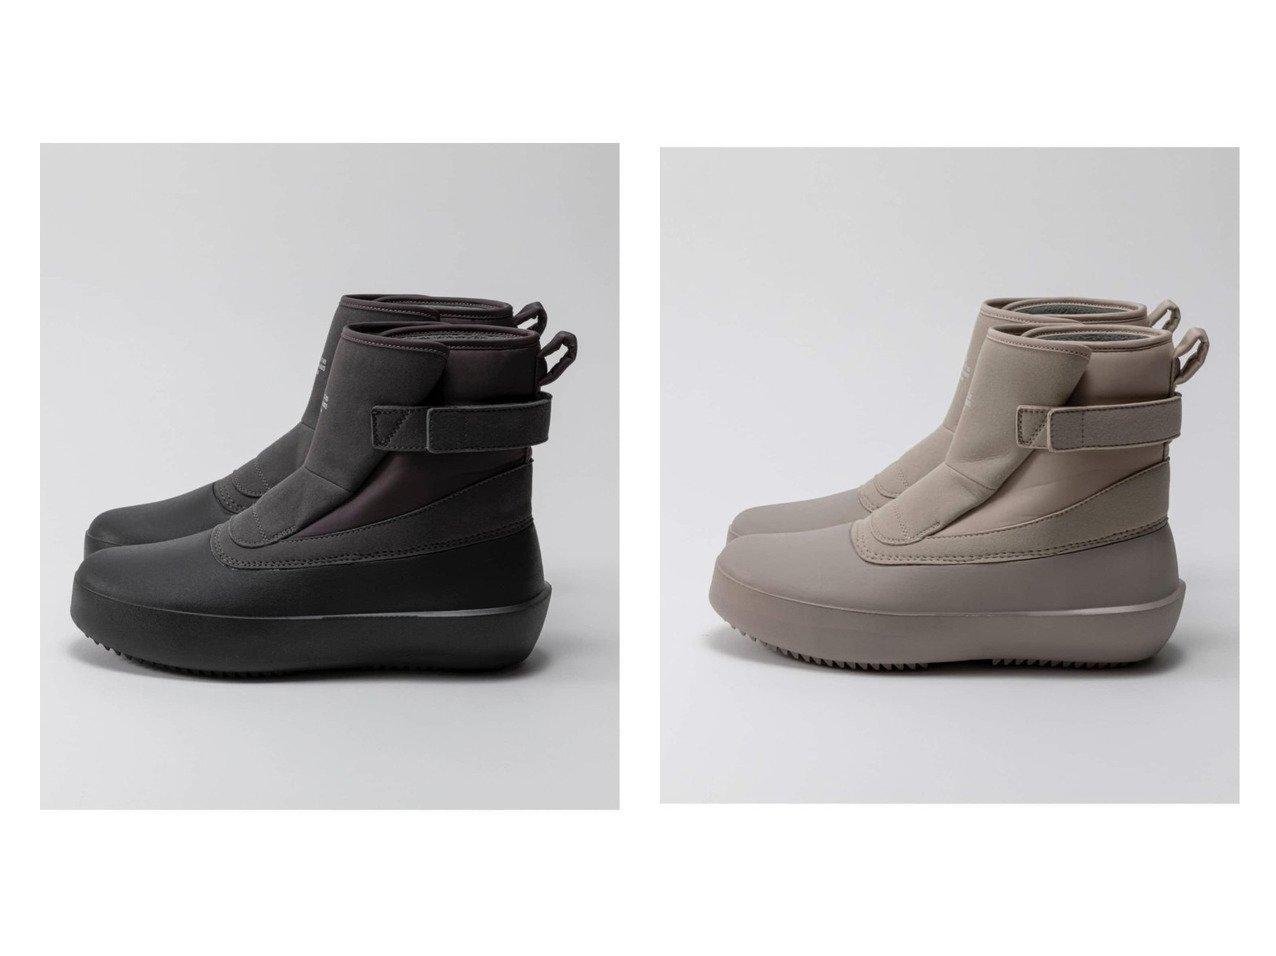 【JOURNAL STANDARD relume/ジャーナルスタンダード レリューム】の【 ムーンスター】810s SNOWF ブーツ 【シューズ・靴】おすすめ!人気、トレンド・レディースファッションの通販 おすすめで人気の流行・トレンド、ファッションの通販商品 インテリア・家具・メンズファッション・キッズファッション・レディースファッション・服の通販 founy(ファニー) https://founy.com/ ファッション Fashion レディースファッション WOMEN 軽量 シューズ ショート A/W・秋冬 AW・Autumn/Winter・FW・Fall-Winter 2021年 2021 2021-2022秋冬・A/W AW・Autumn/Winter・FW・Fall-Winter・2021-2022 NEW・新作・新着・新入荷 New Arrivals |ID:crp329100000072583